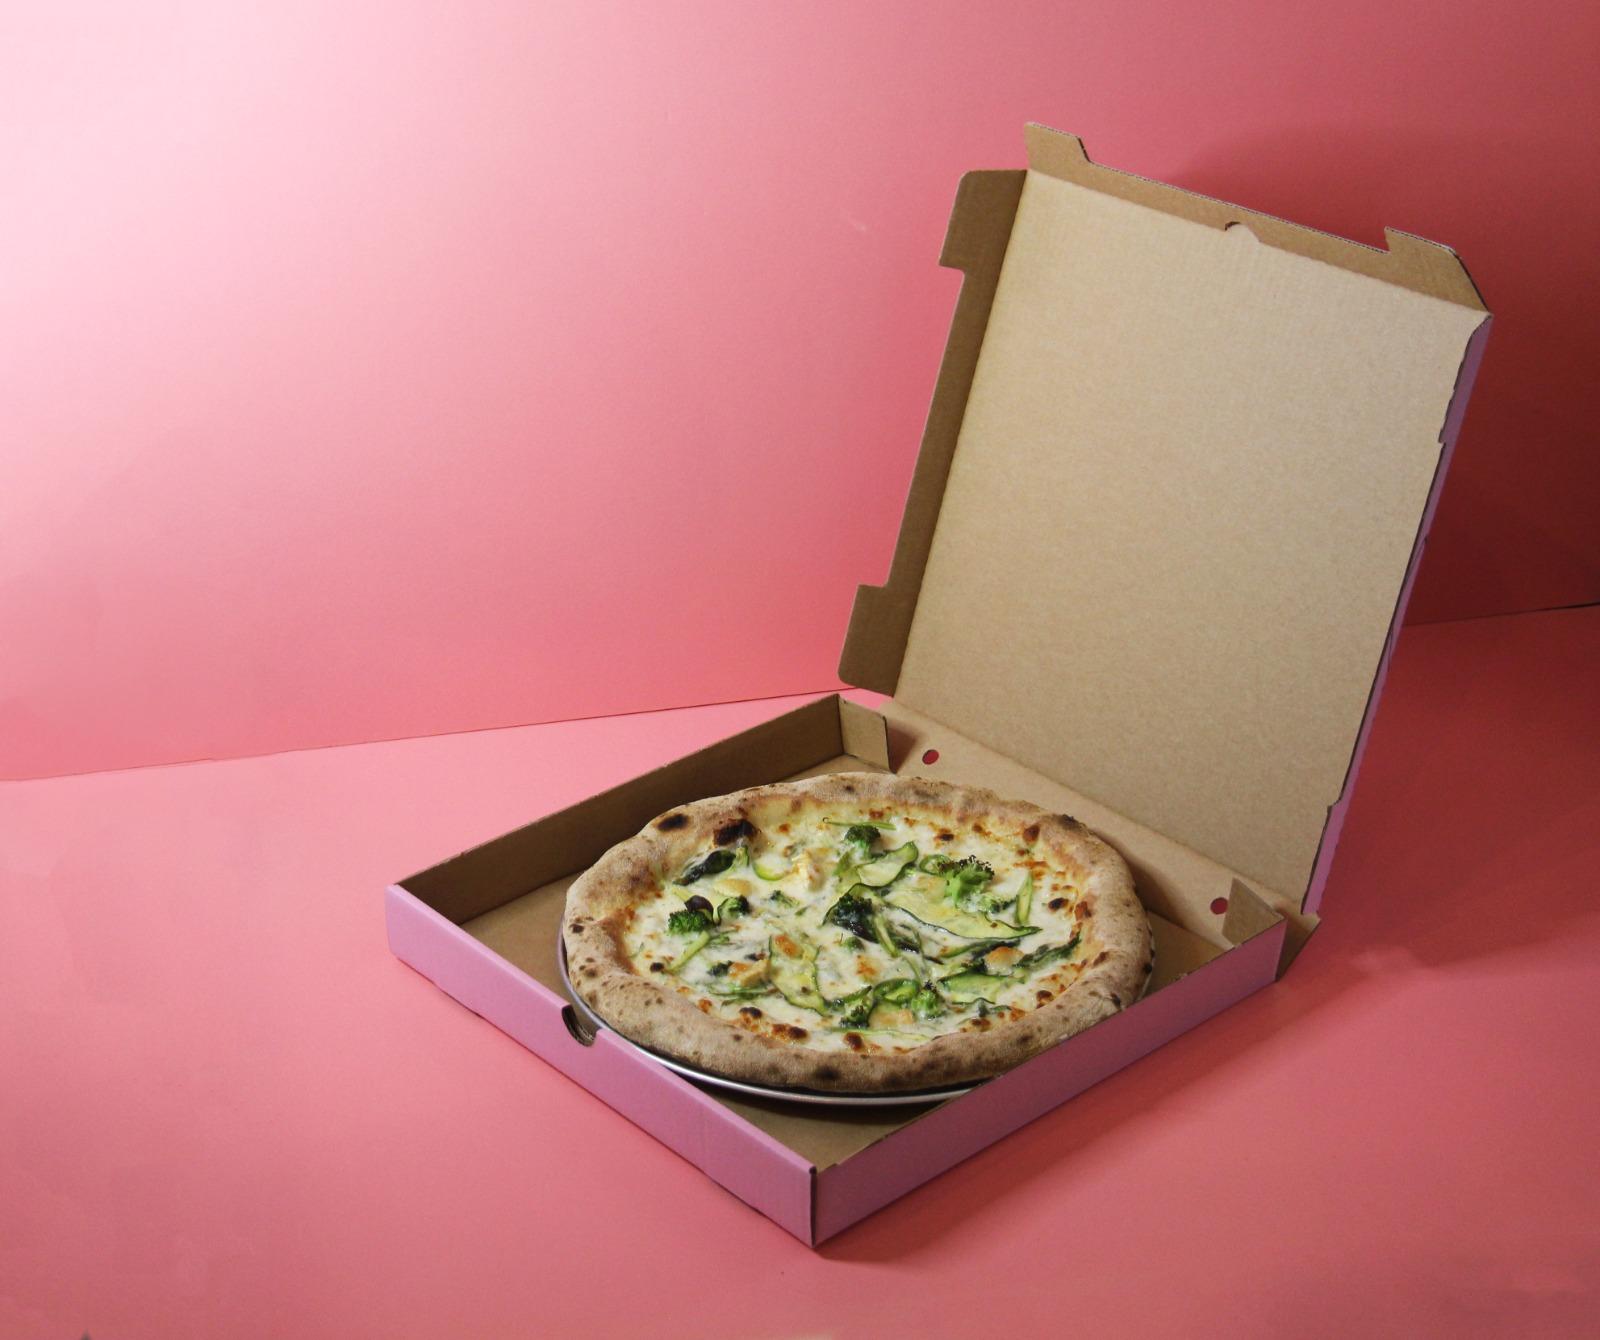 המסעדות הטובות ביותר ב אבן יהודה -  The Little Sister Pizza